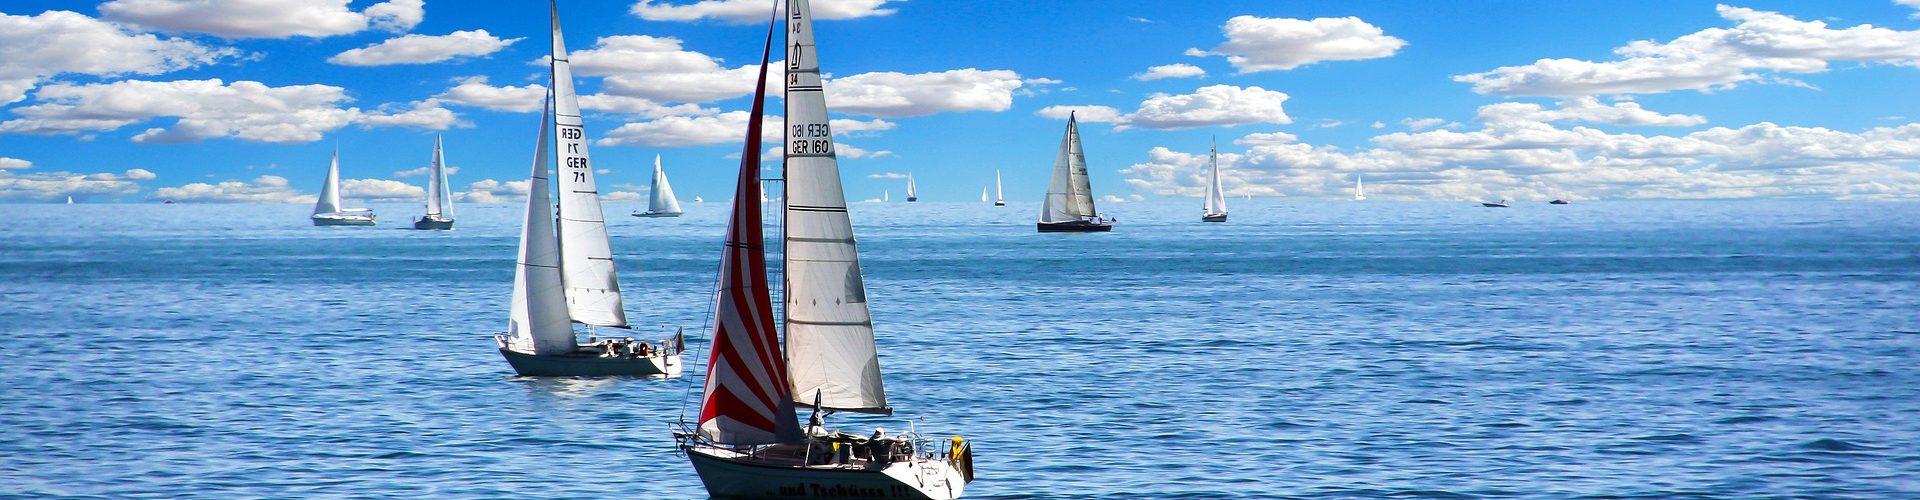 segeln lernen in Insel Hiddensee segelschein machen in Insel Hiddensee 1920x500 - Segeln lernen in Insel Hiddensee